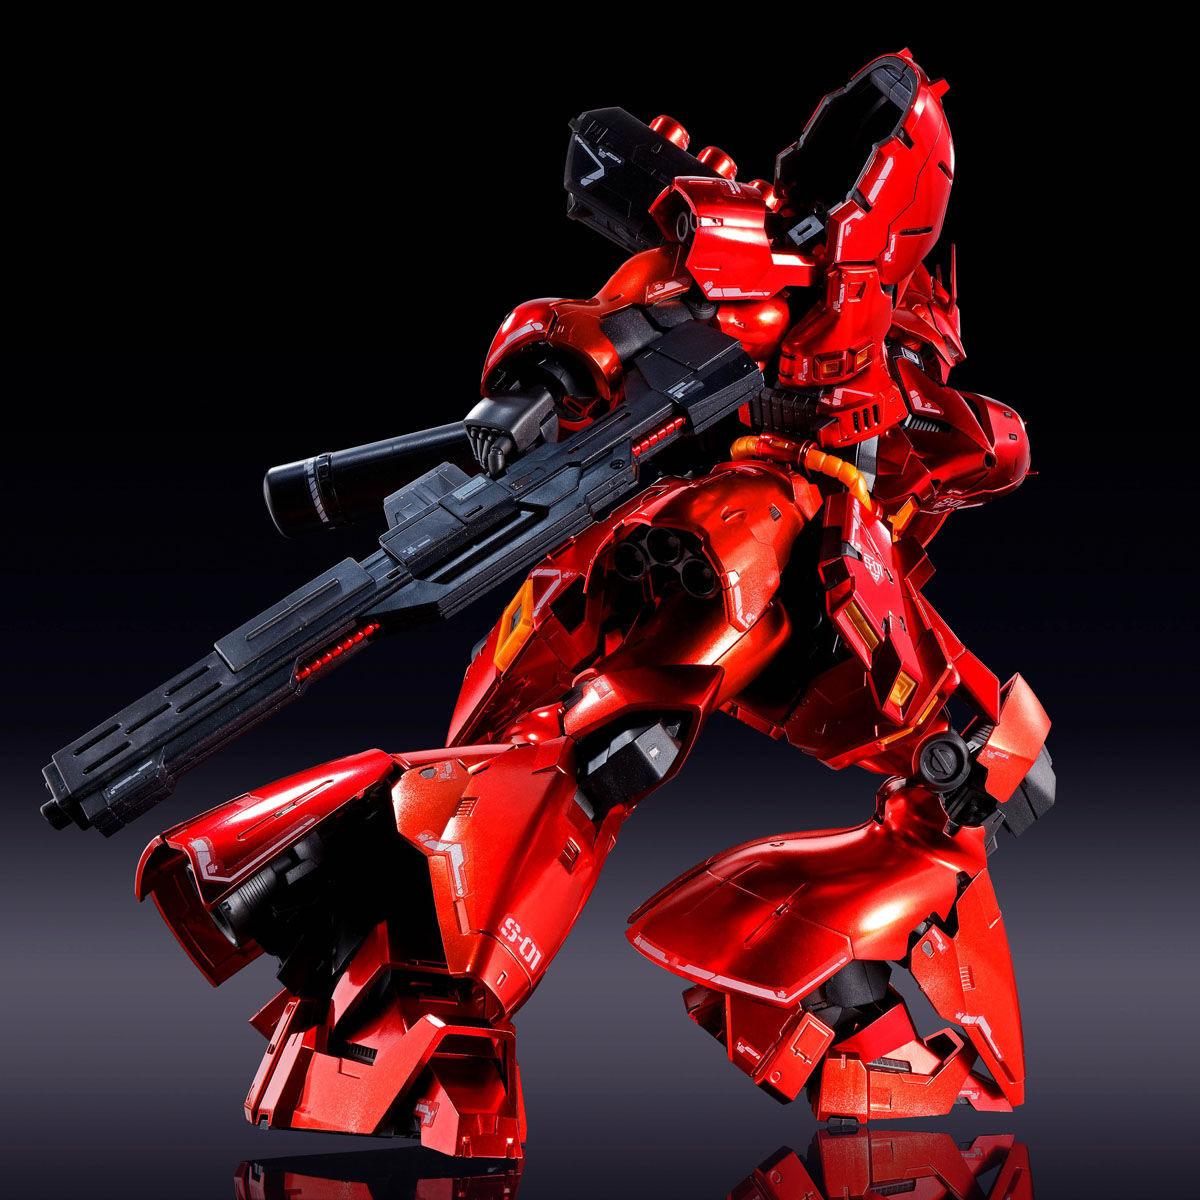 RG 1/144『サザビー[スペシャルコーティング]』機動戦士ガンダム 逆襲のシャア プラモデル-008